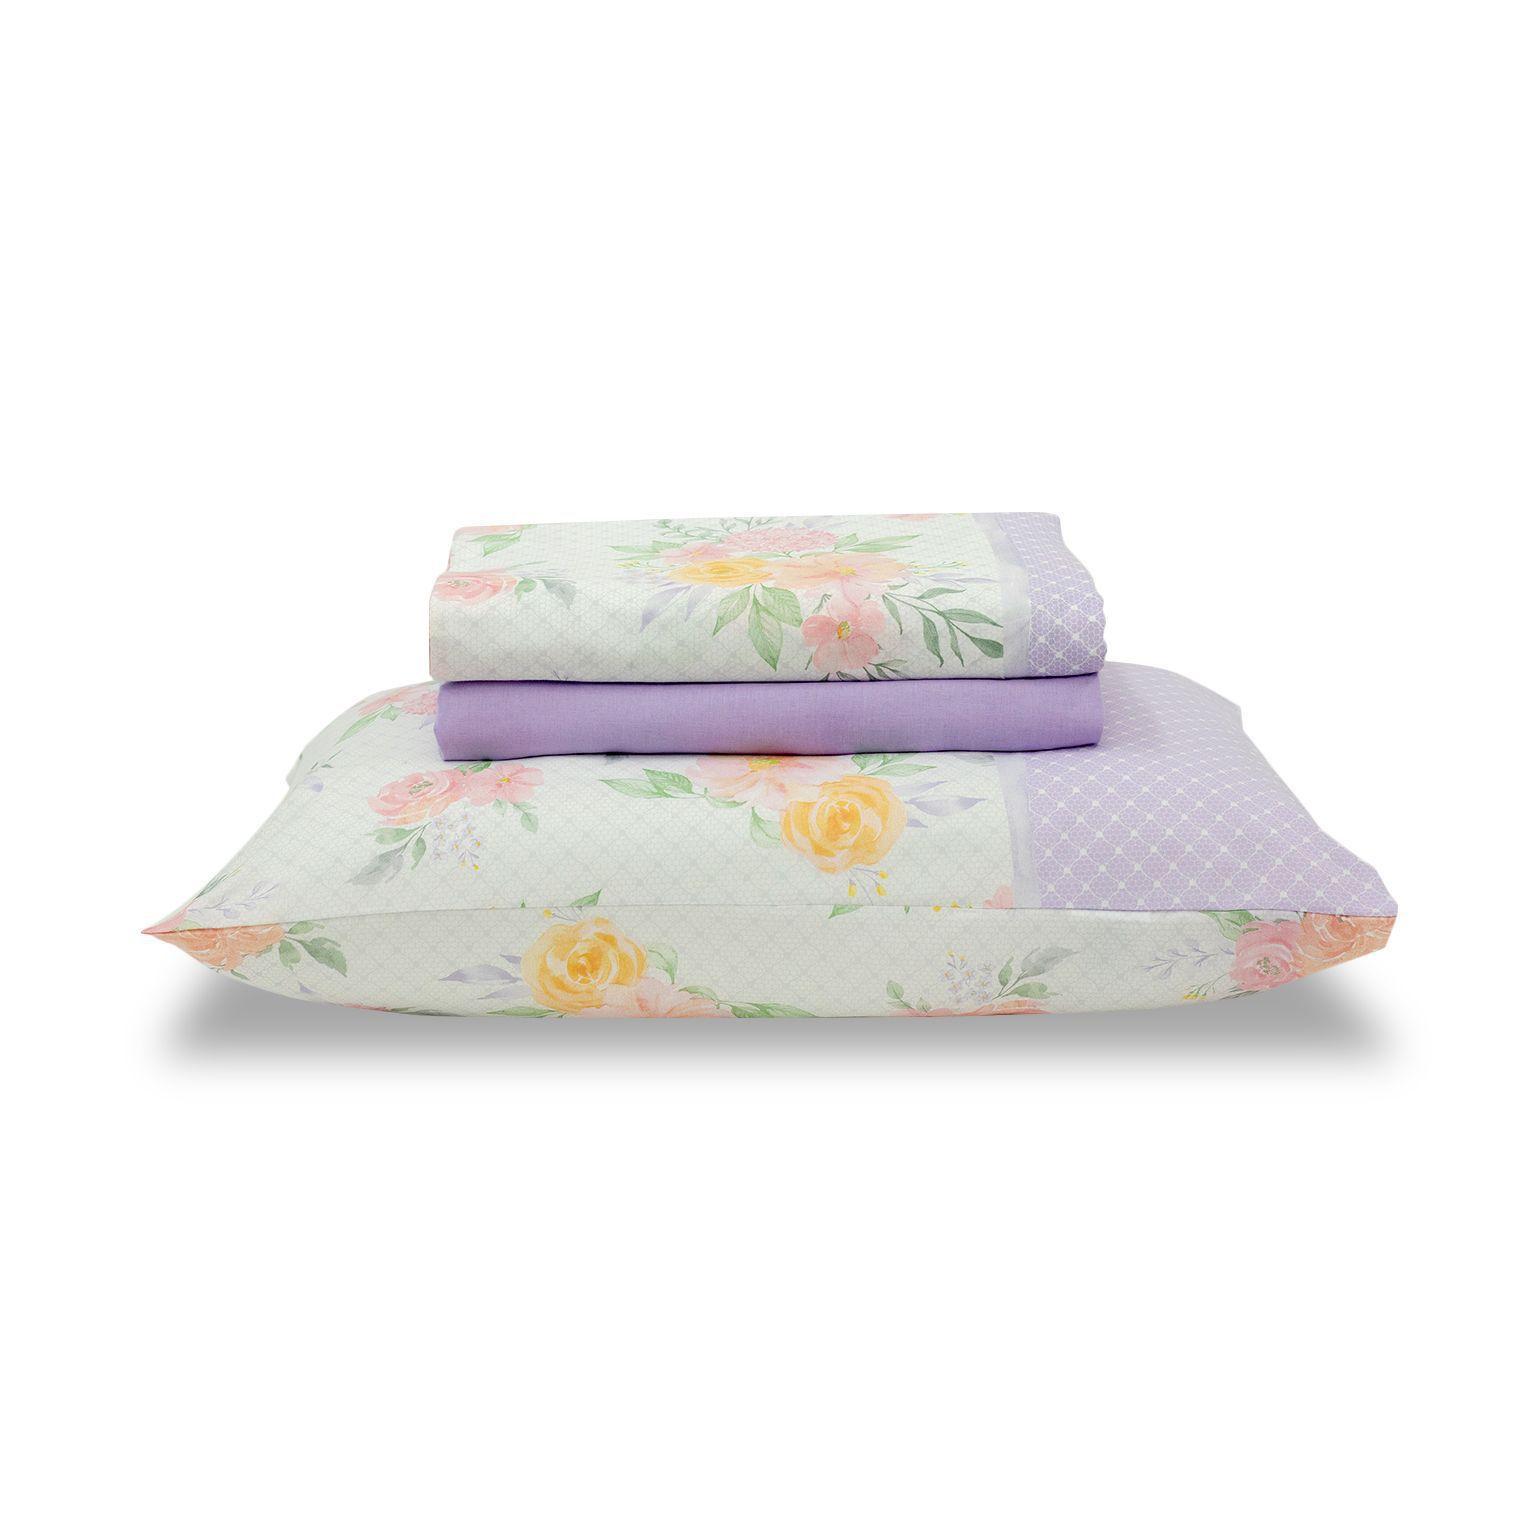 Jogo de cama casal Royal Heloisa 1 100% algodão estampado Poá e Floral - Santista